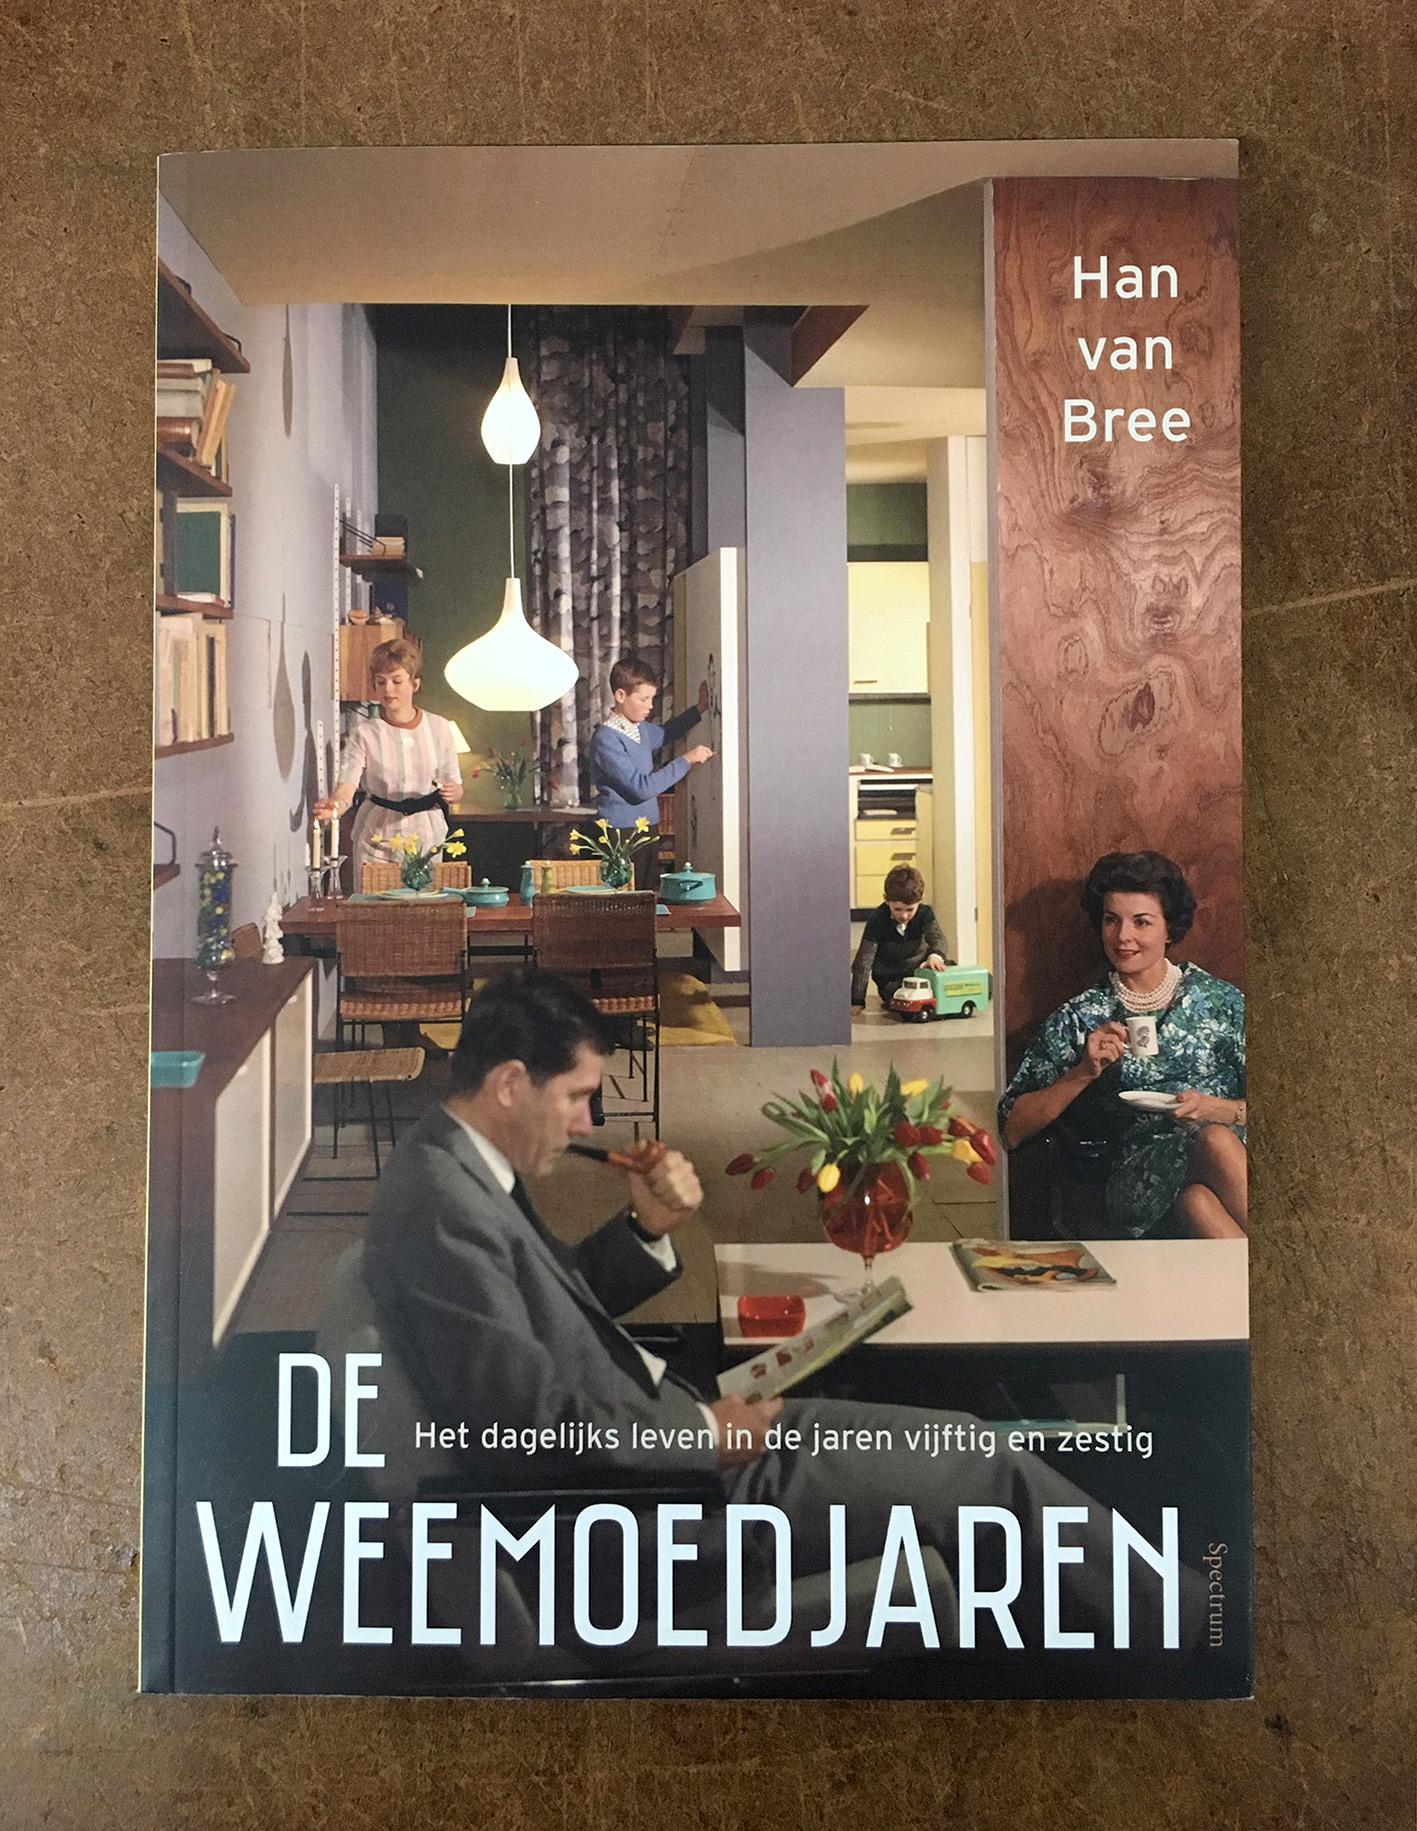 De Weemoedjaren , het dagelijks leven in de jaren vijftig en zestig (Han van Bree)